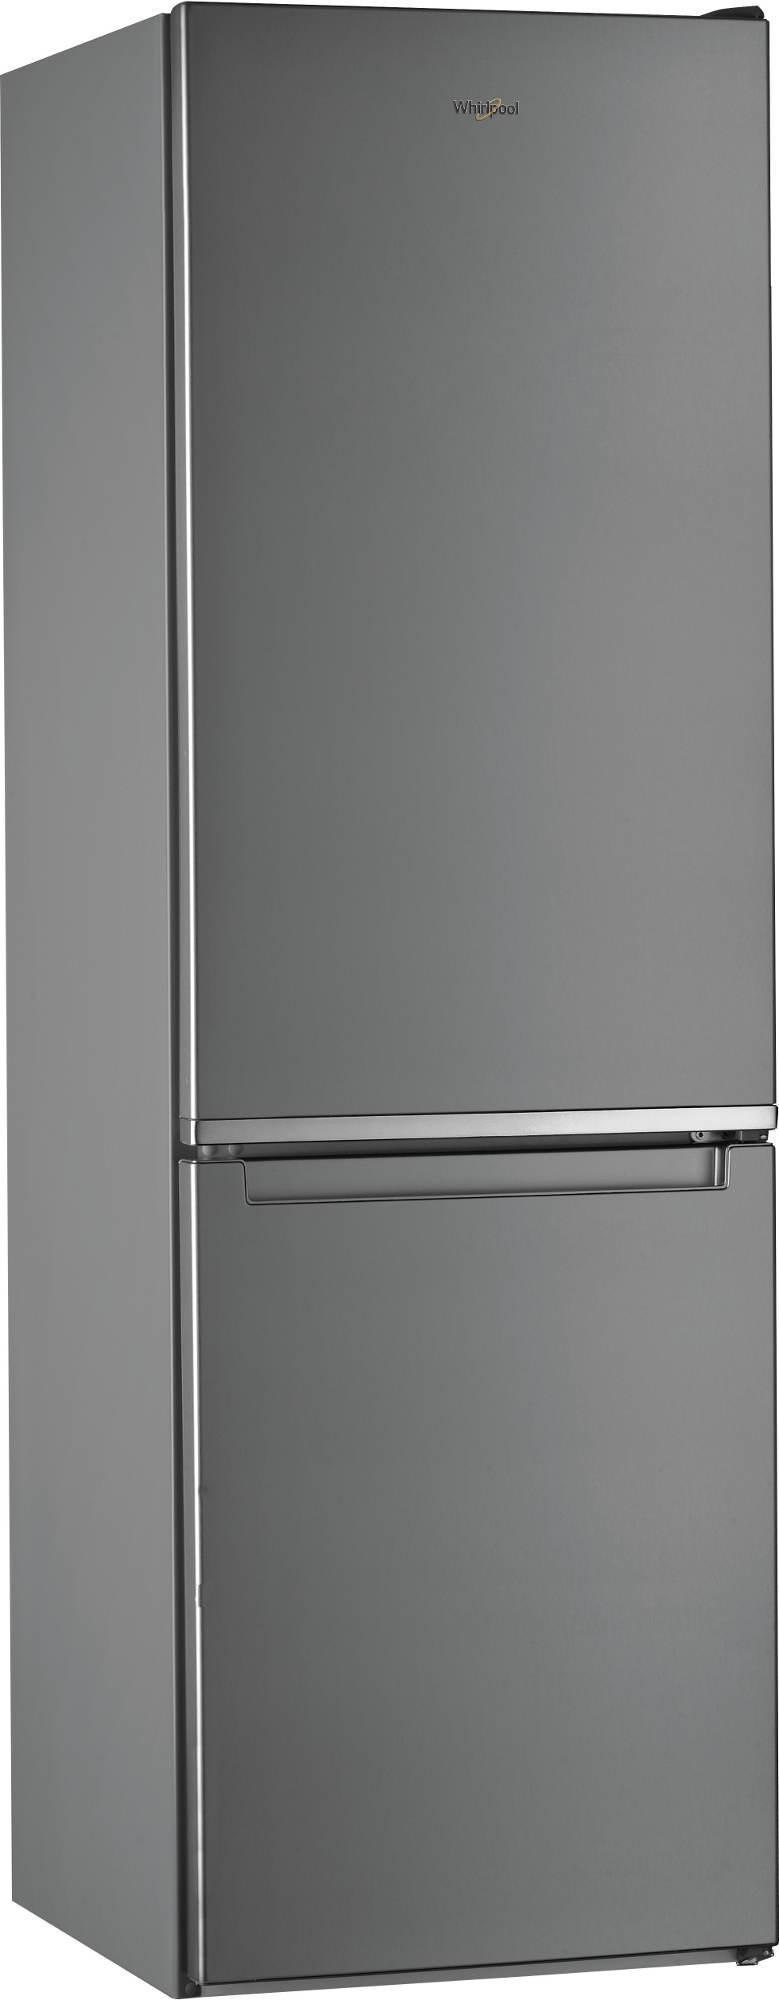 Photo Réfrigérateur Combiné Whirlpool W9821COX